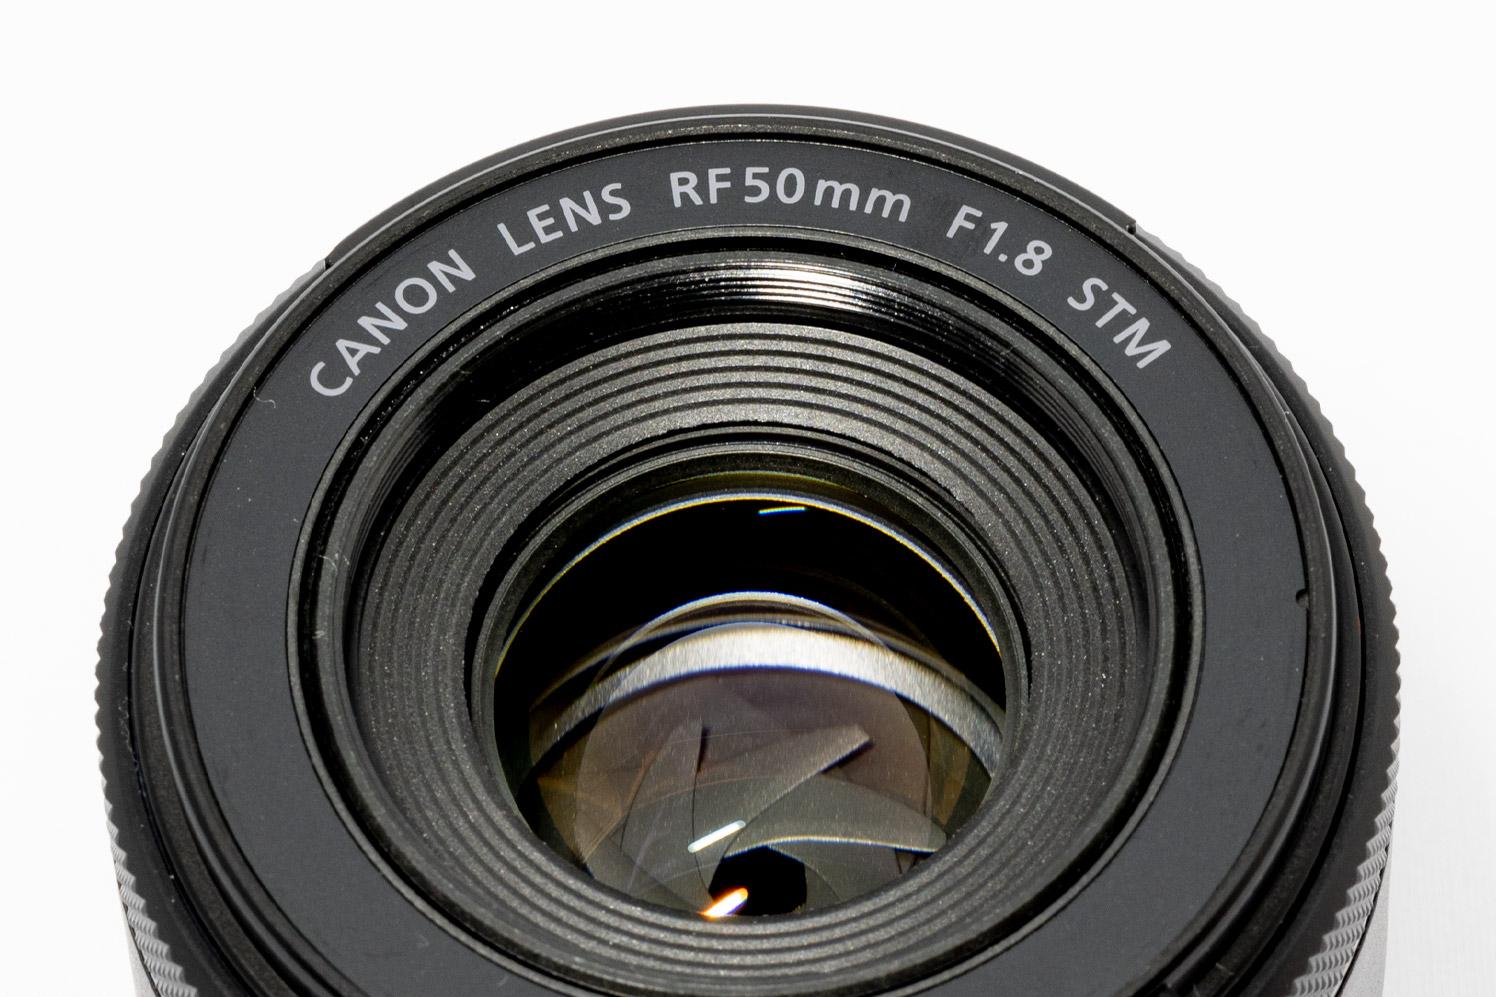 RF50mm F1.8 STM のレンズ面